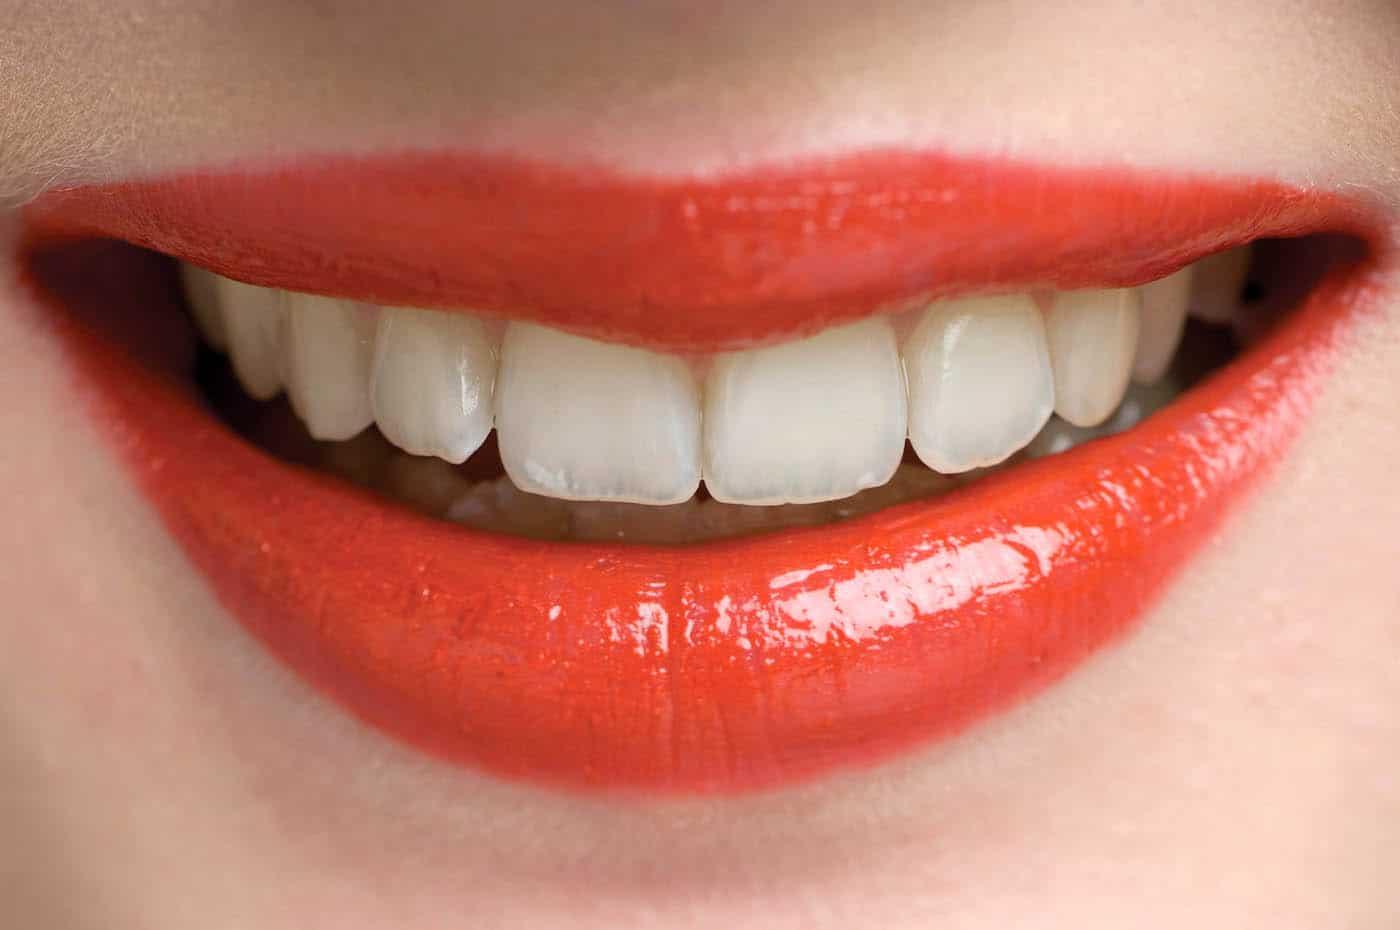 Dental Crowns Implant Filling